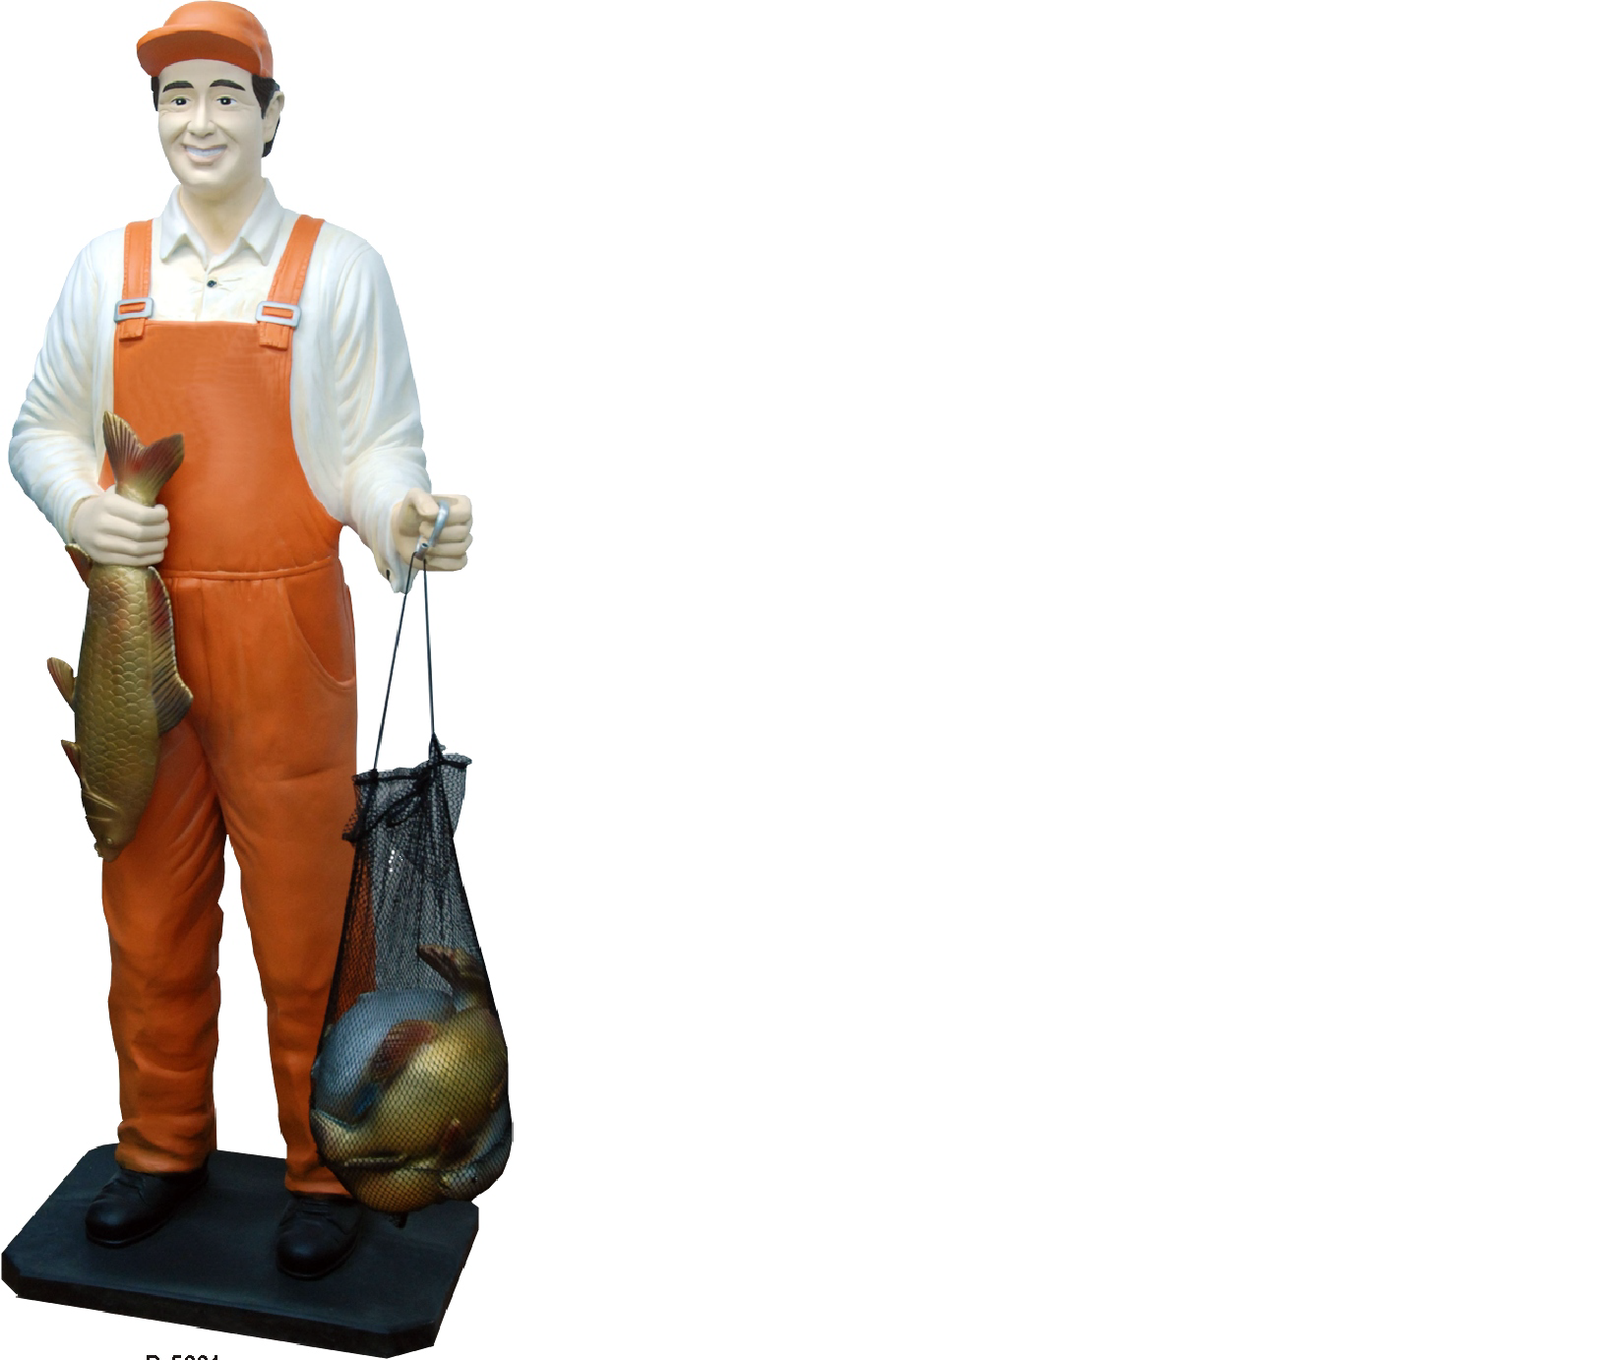 Design Fischer Figur Statue Skulptur Figuren Skulpturen Dekoration Deko 5661 Neu